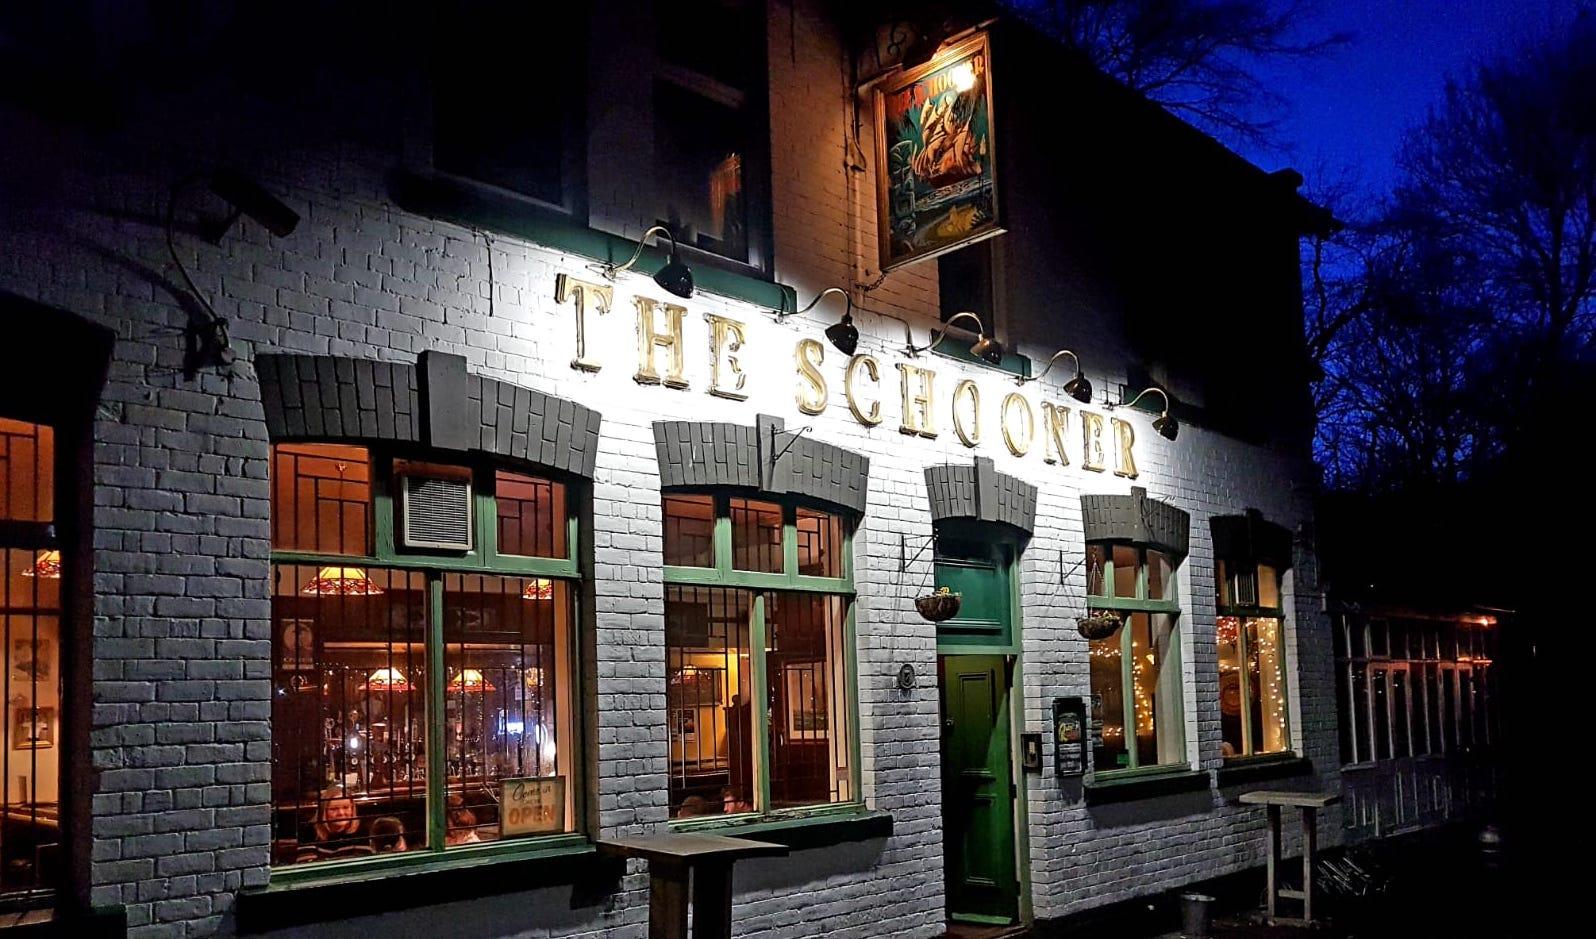 The Schooner Pub Exterior Night